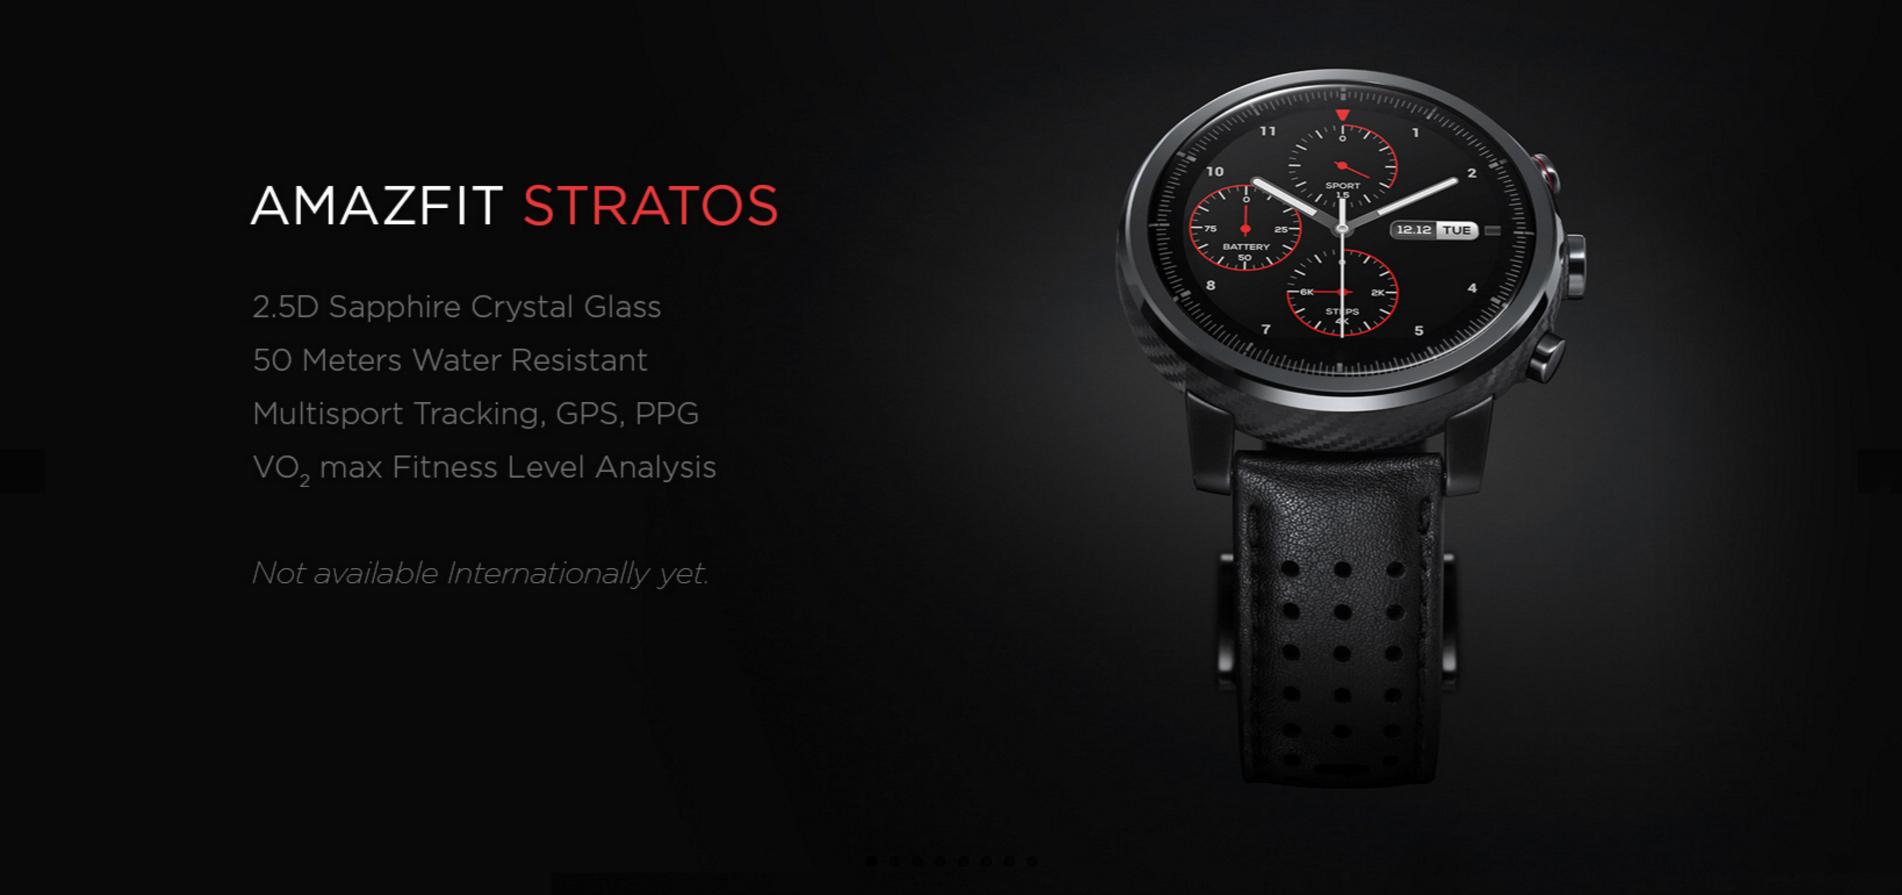 Sleva 65 dolarů na originální chytré hodinky Xiaomi Amazfit Stratos Watch  2!  sponzorovaný článek  76f205b764